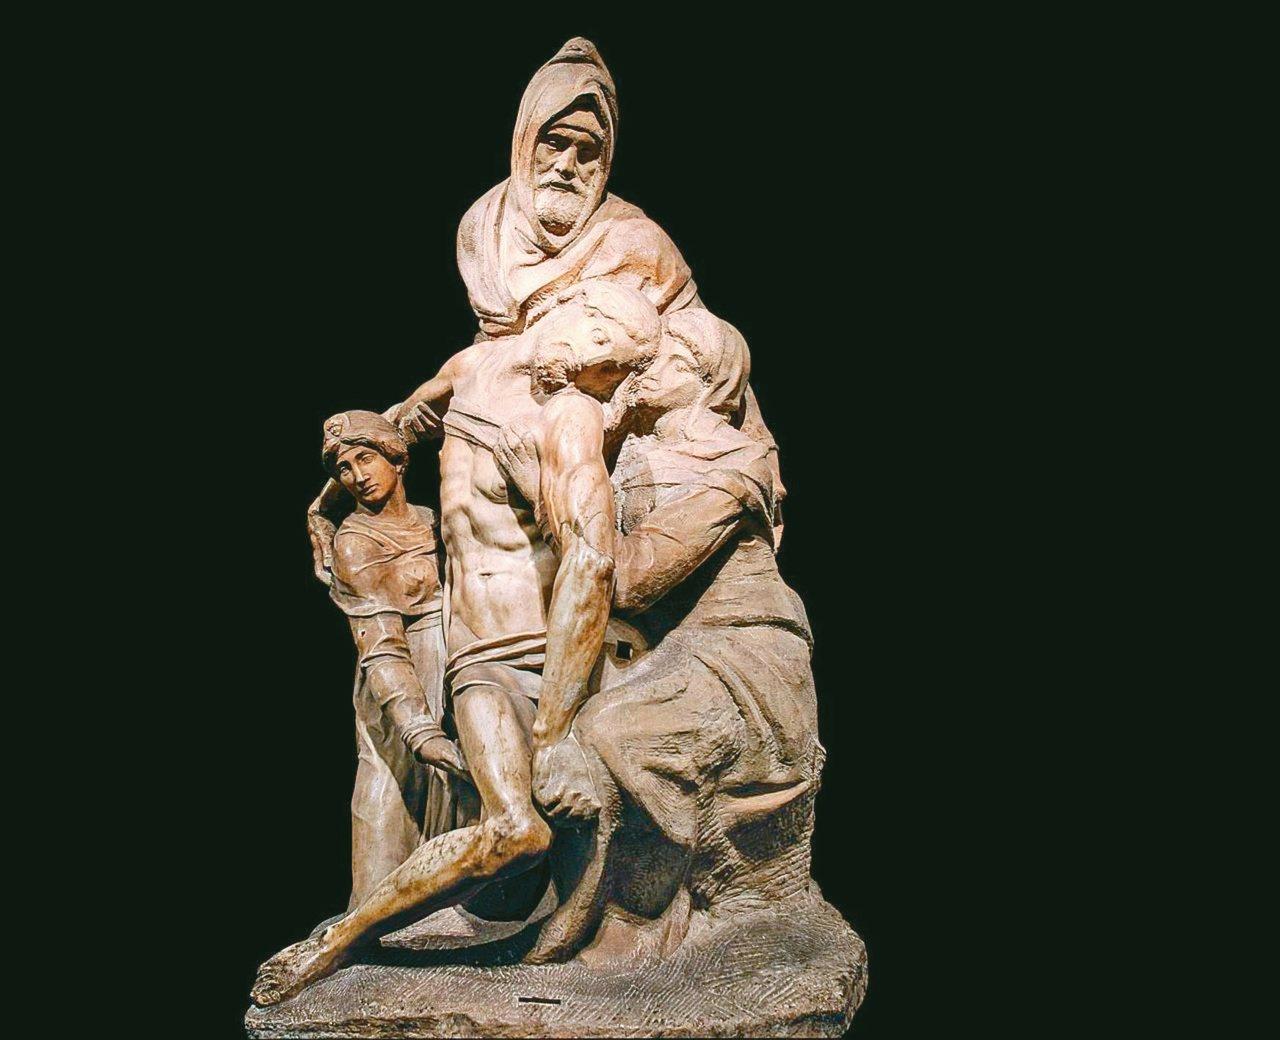 圖5:米開朗基羅晚年,在《聖殤》裡保留大膽的刀斧鑿痕,讓聖母的面容飽含內在悲憫的...